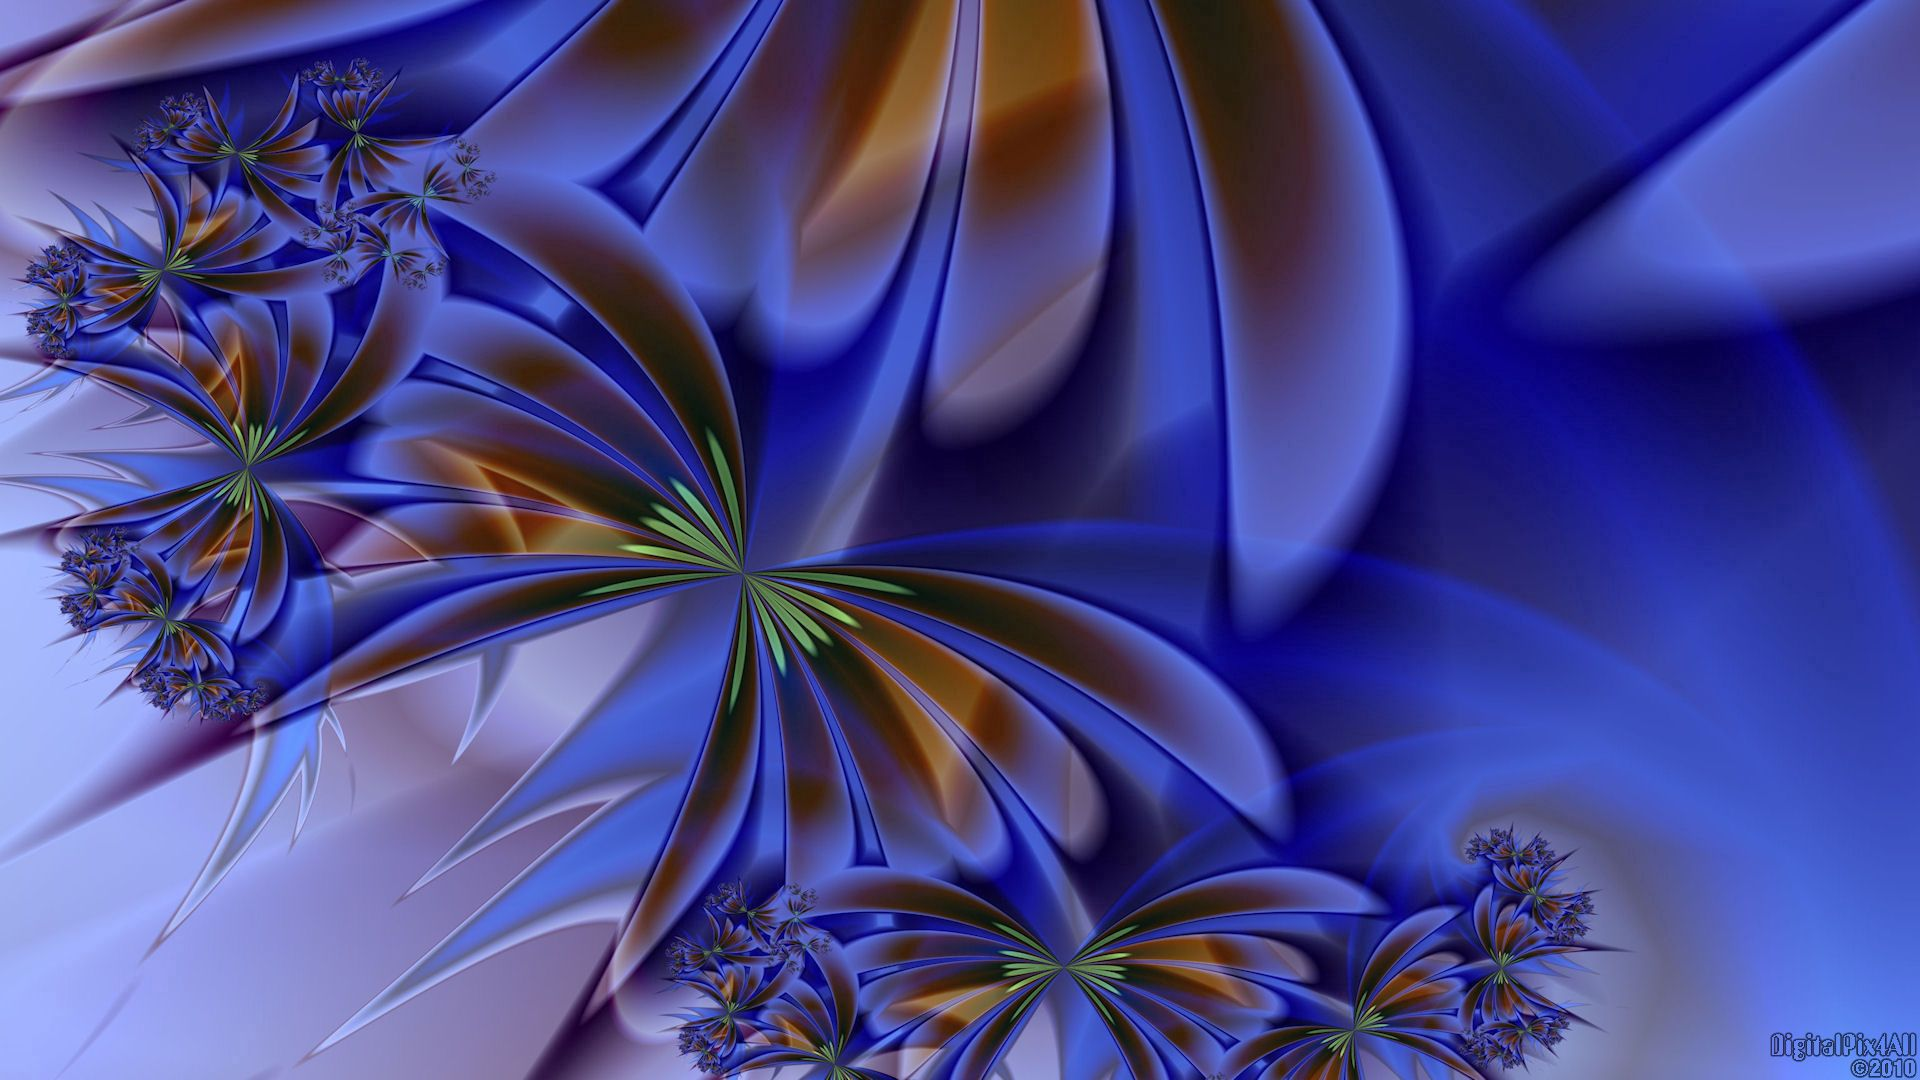 74544 скачать обои Цвет, Абстракция, Фон, Цветы, Узоры - заставки и картинки бесплатно